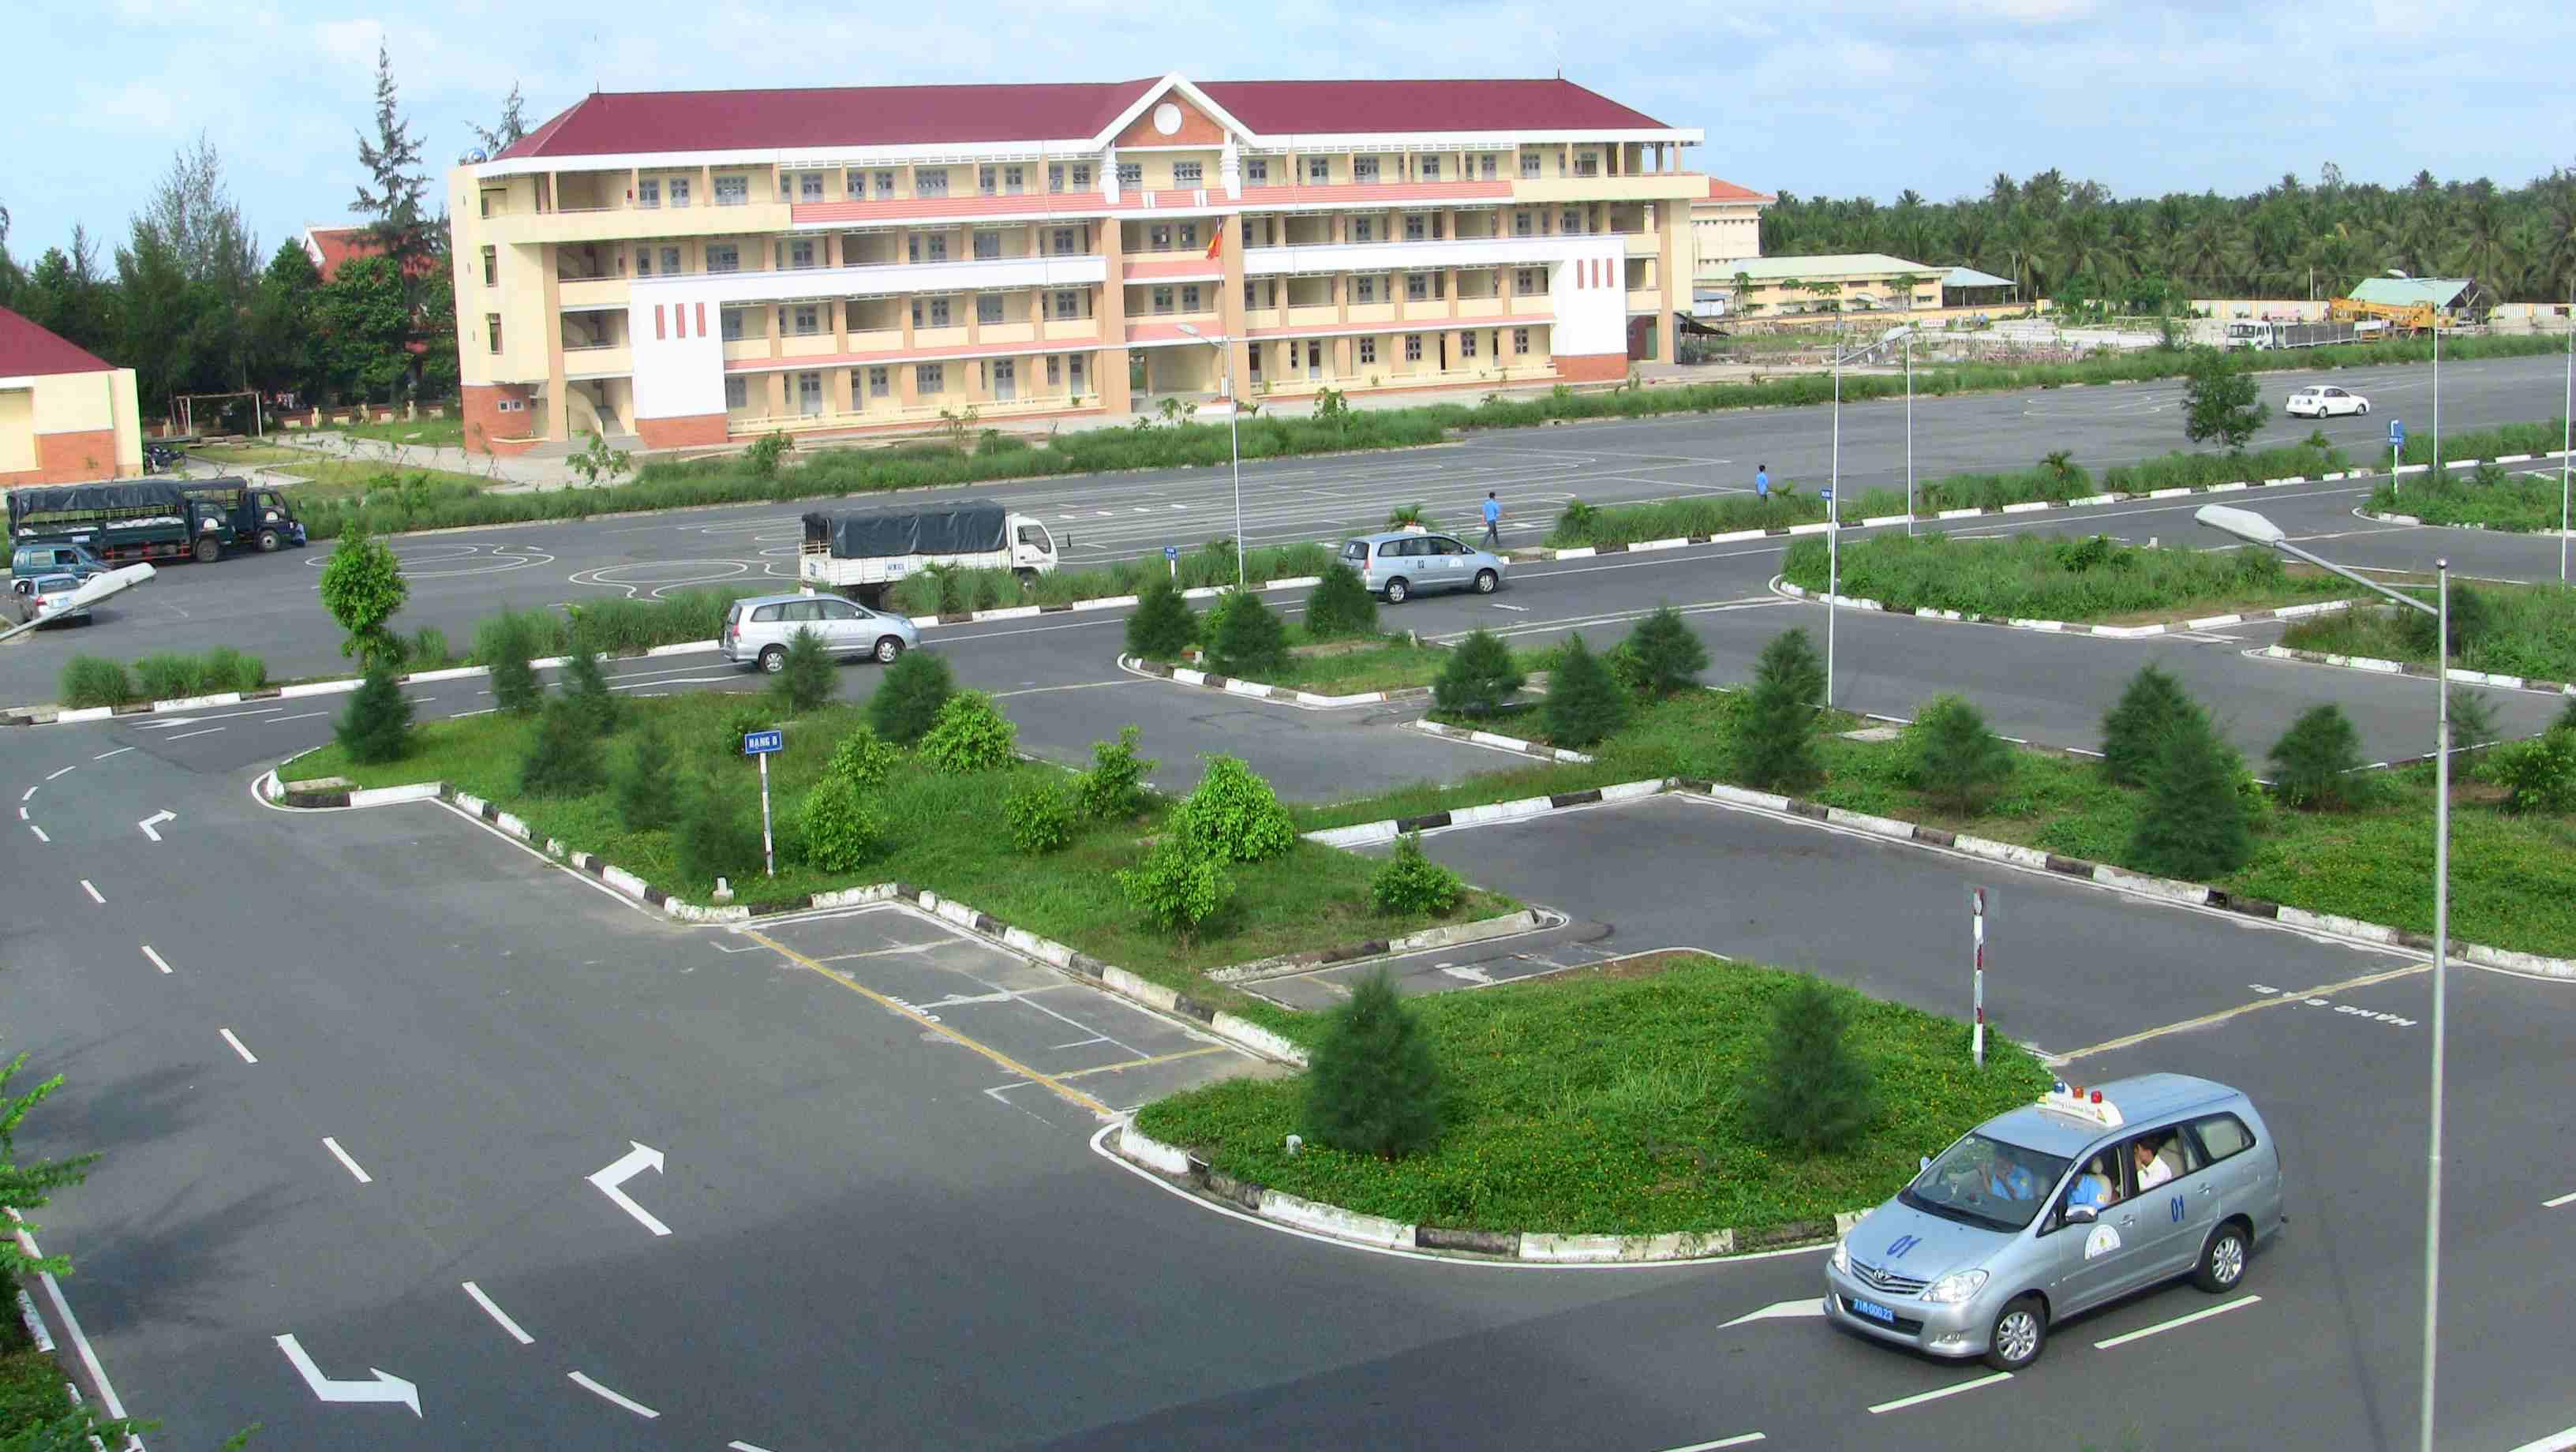 Học lái xe ô tô tại Nghệ An giá rẻ uy tín Hoc-lai-xe-tai-vinh-1